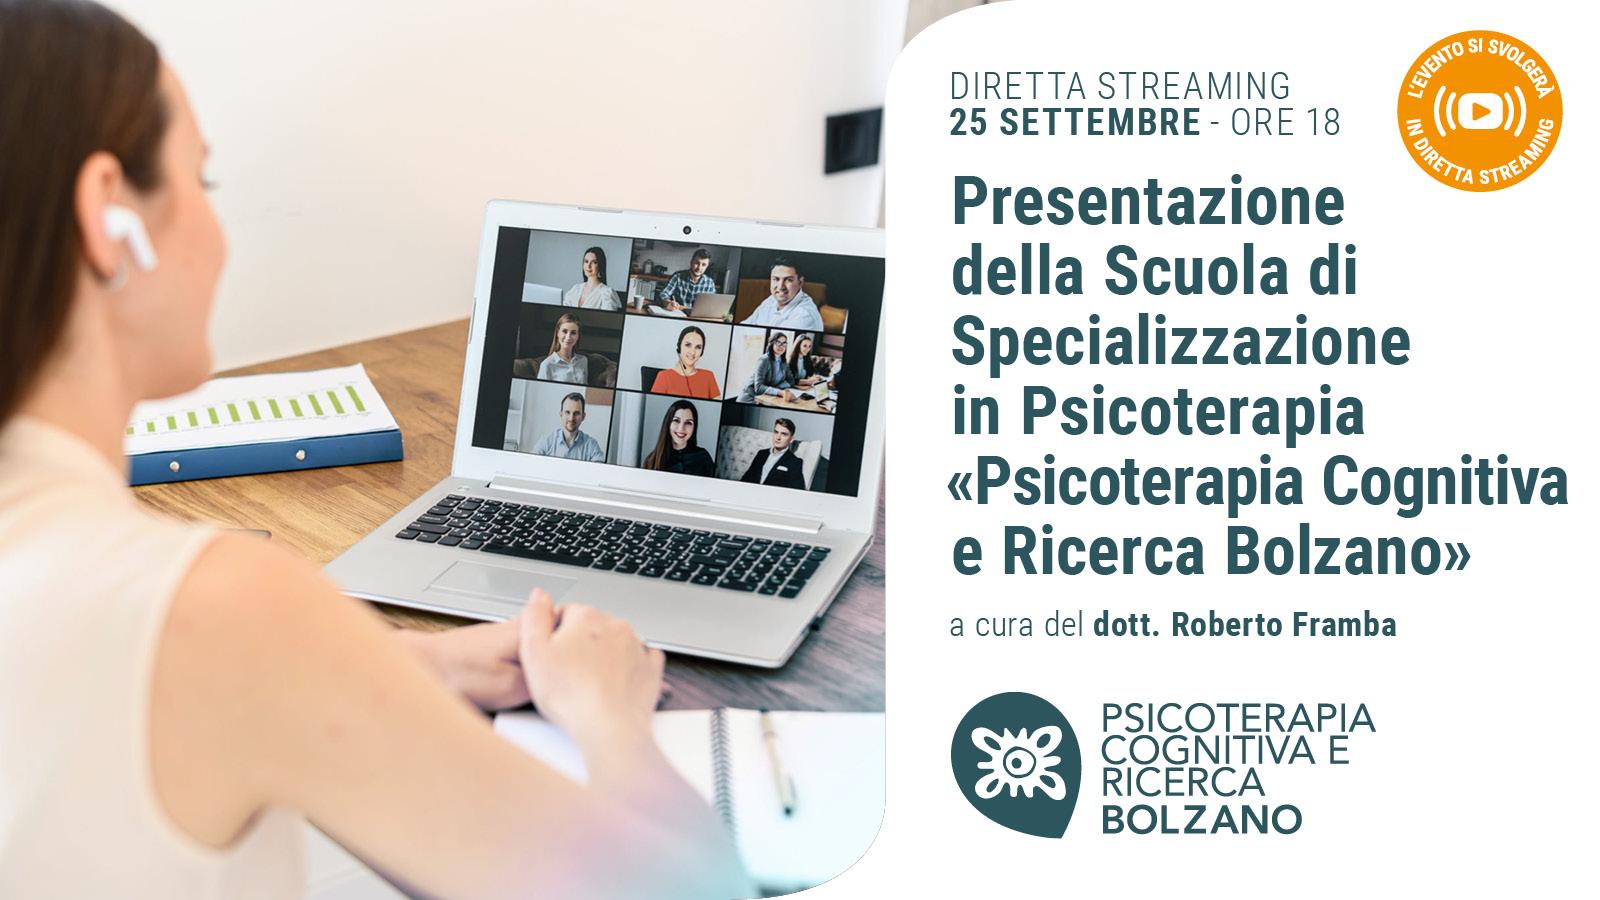 BOLZANO - 200925 - Presentazione Scuola - Banner